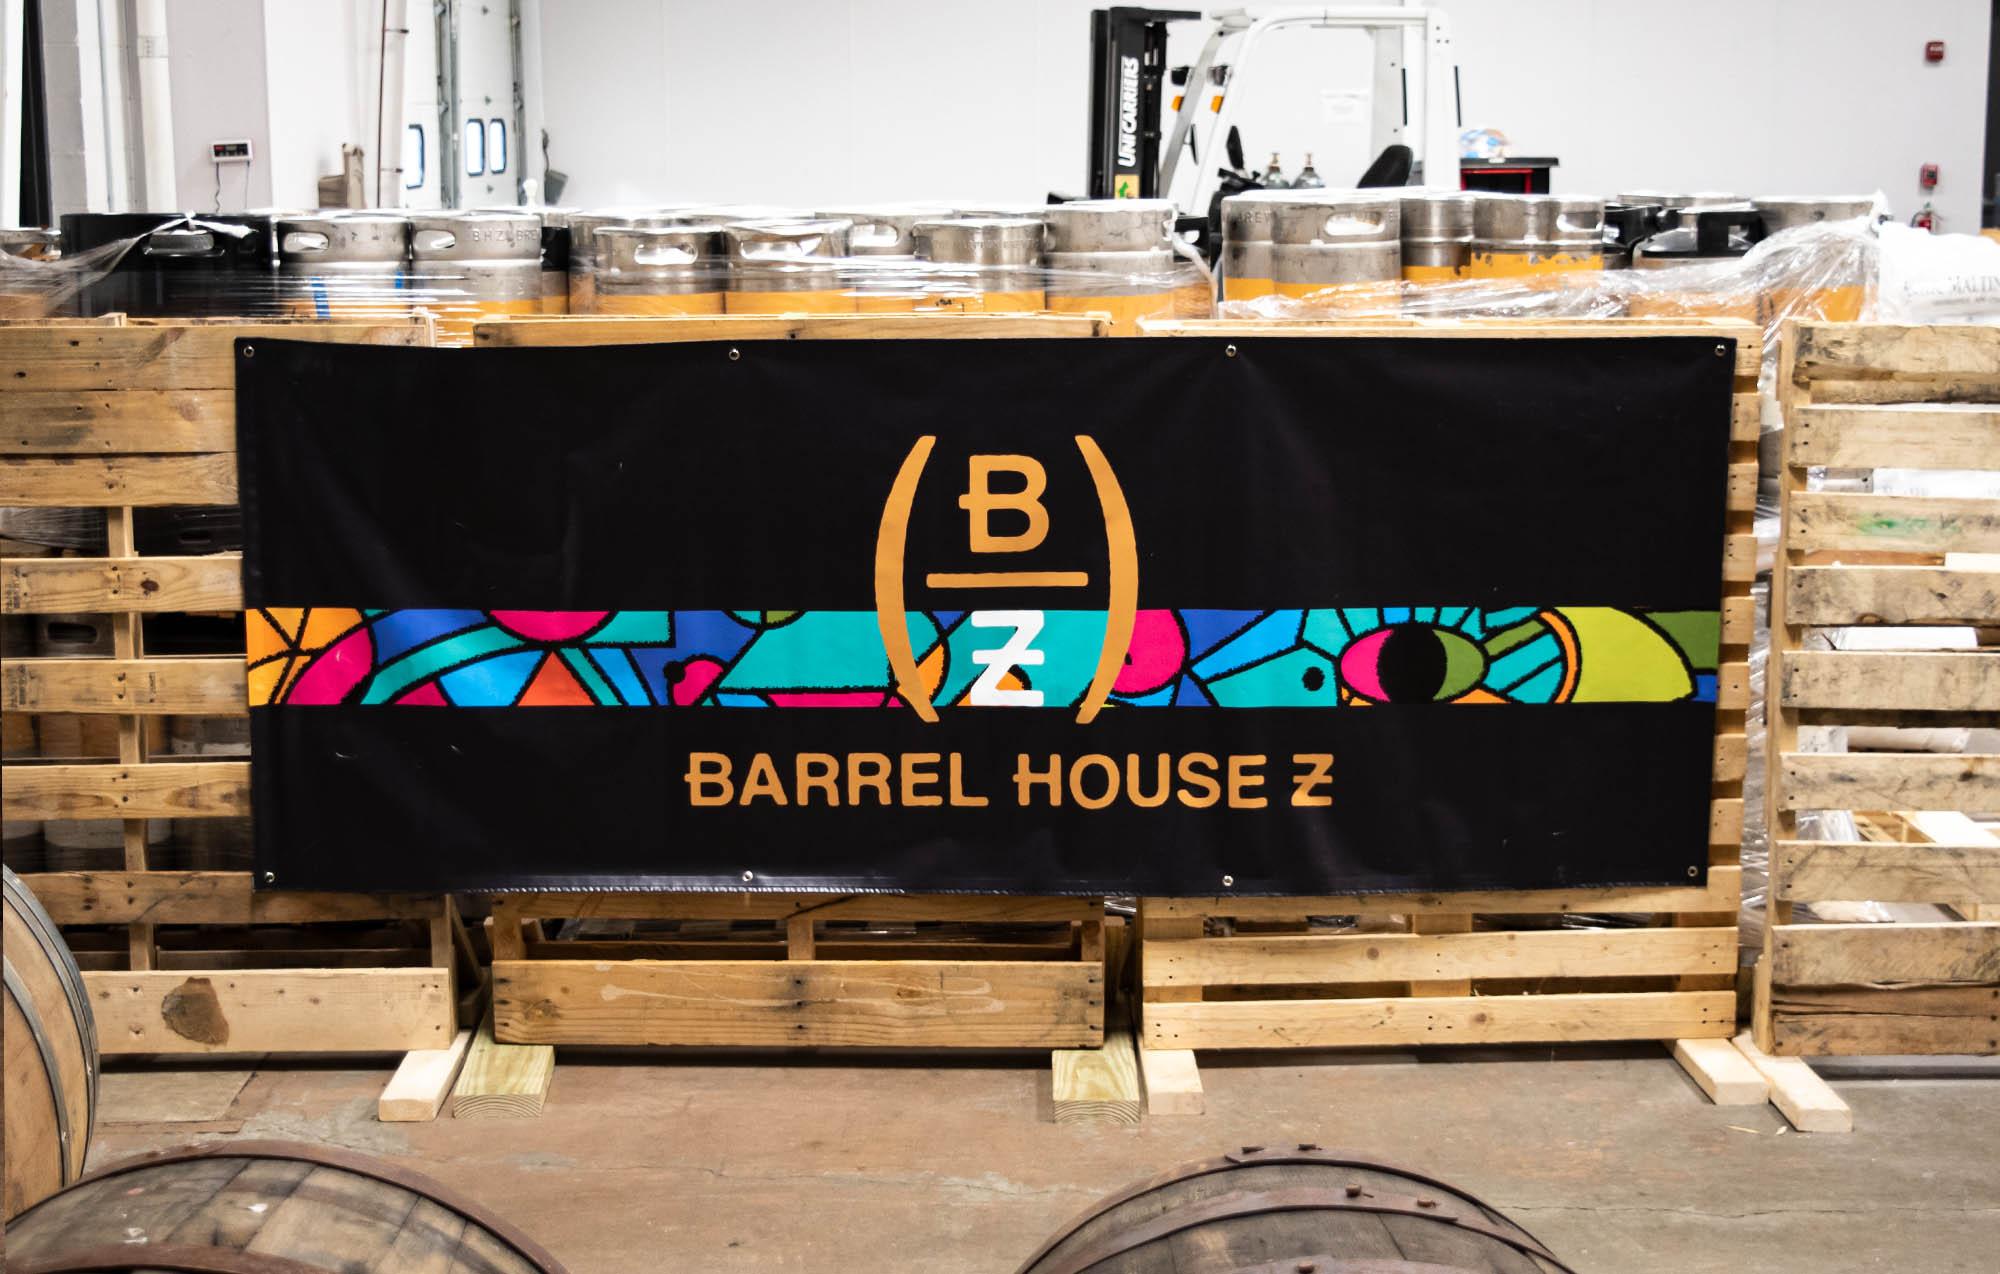 Barrel House Z sign